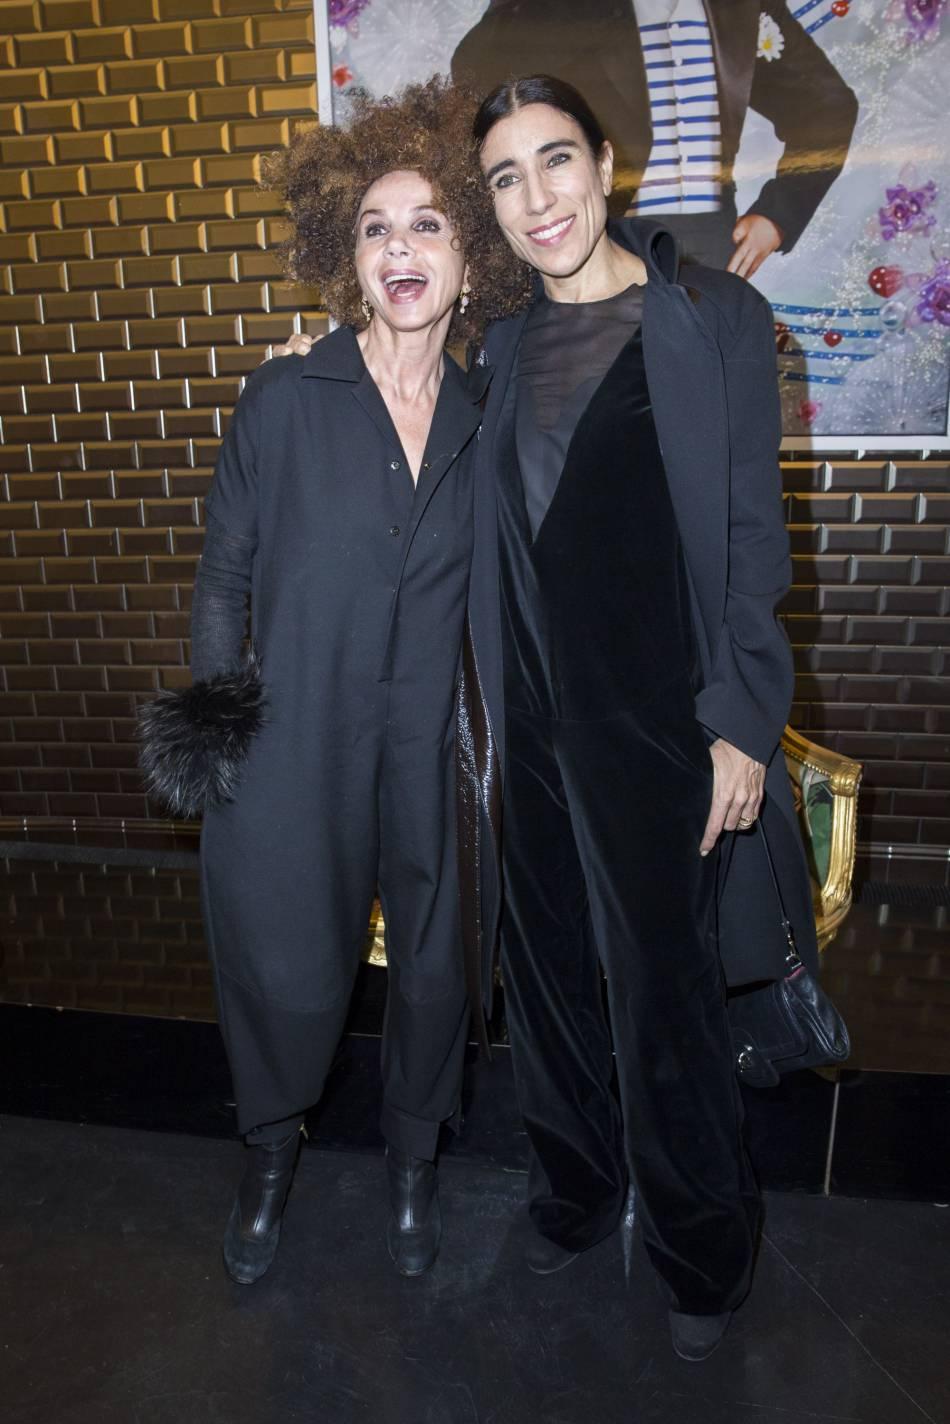 Blanca Li et Victoria Abrilau défilé Haute Couture Printemps-Été 2016Jean Paul Gaultier.